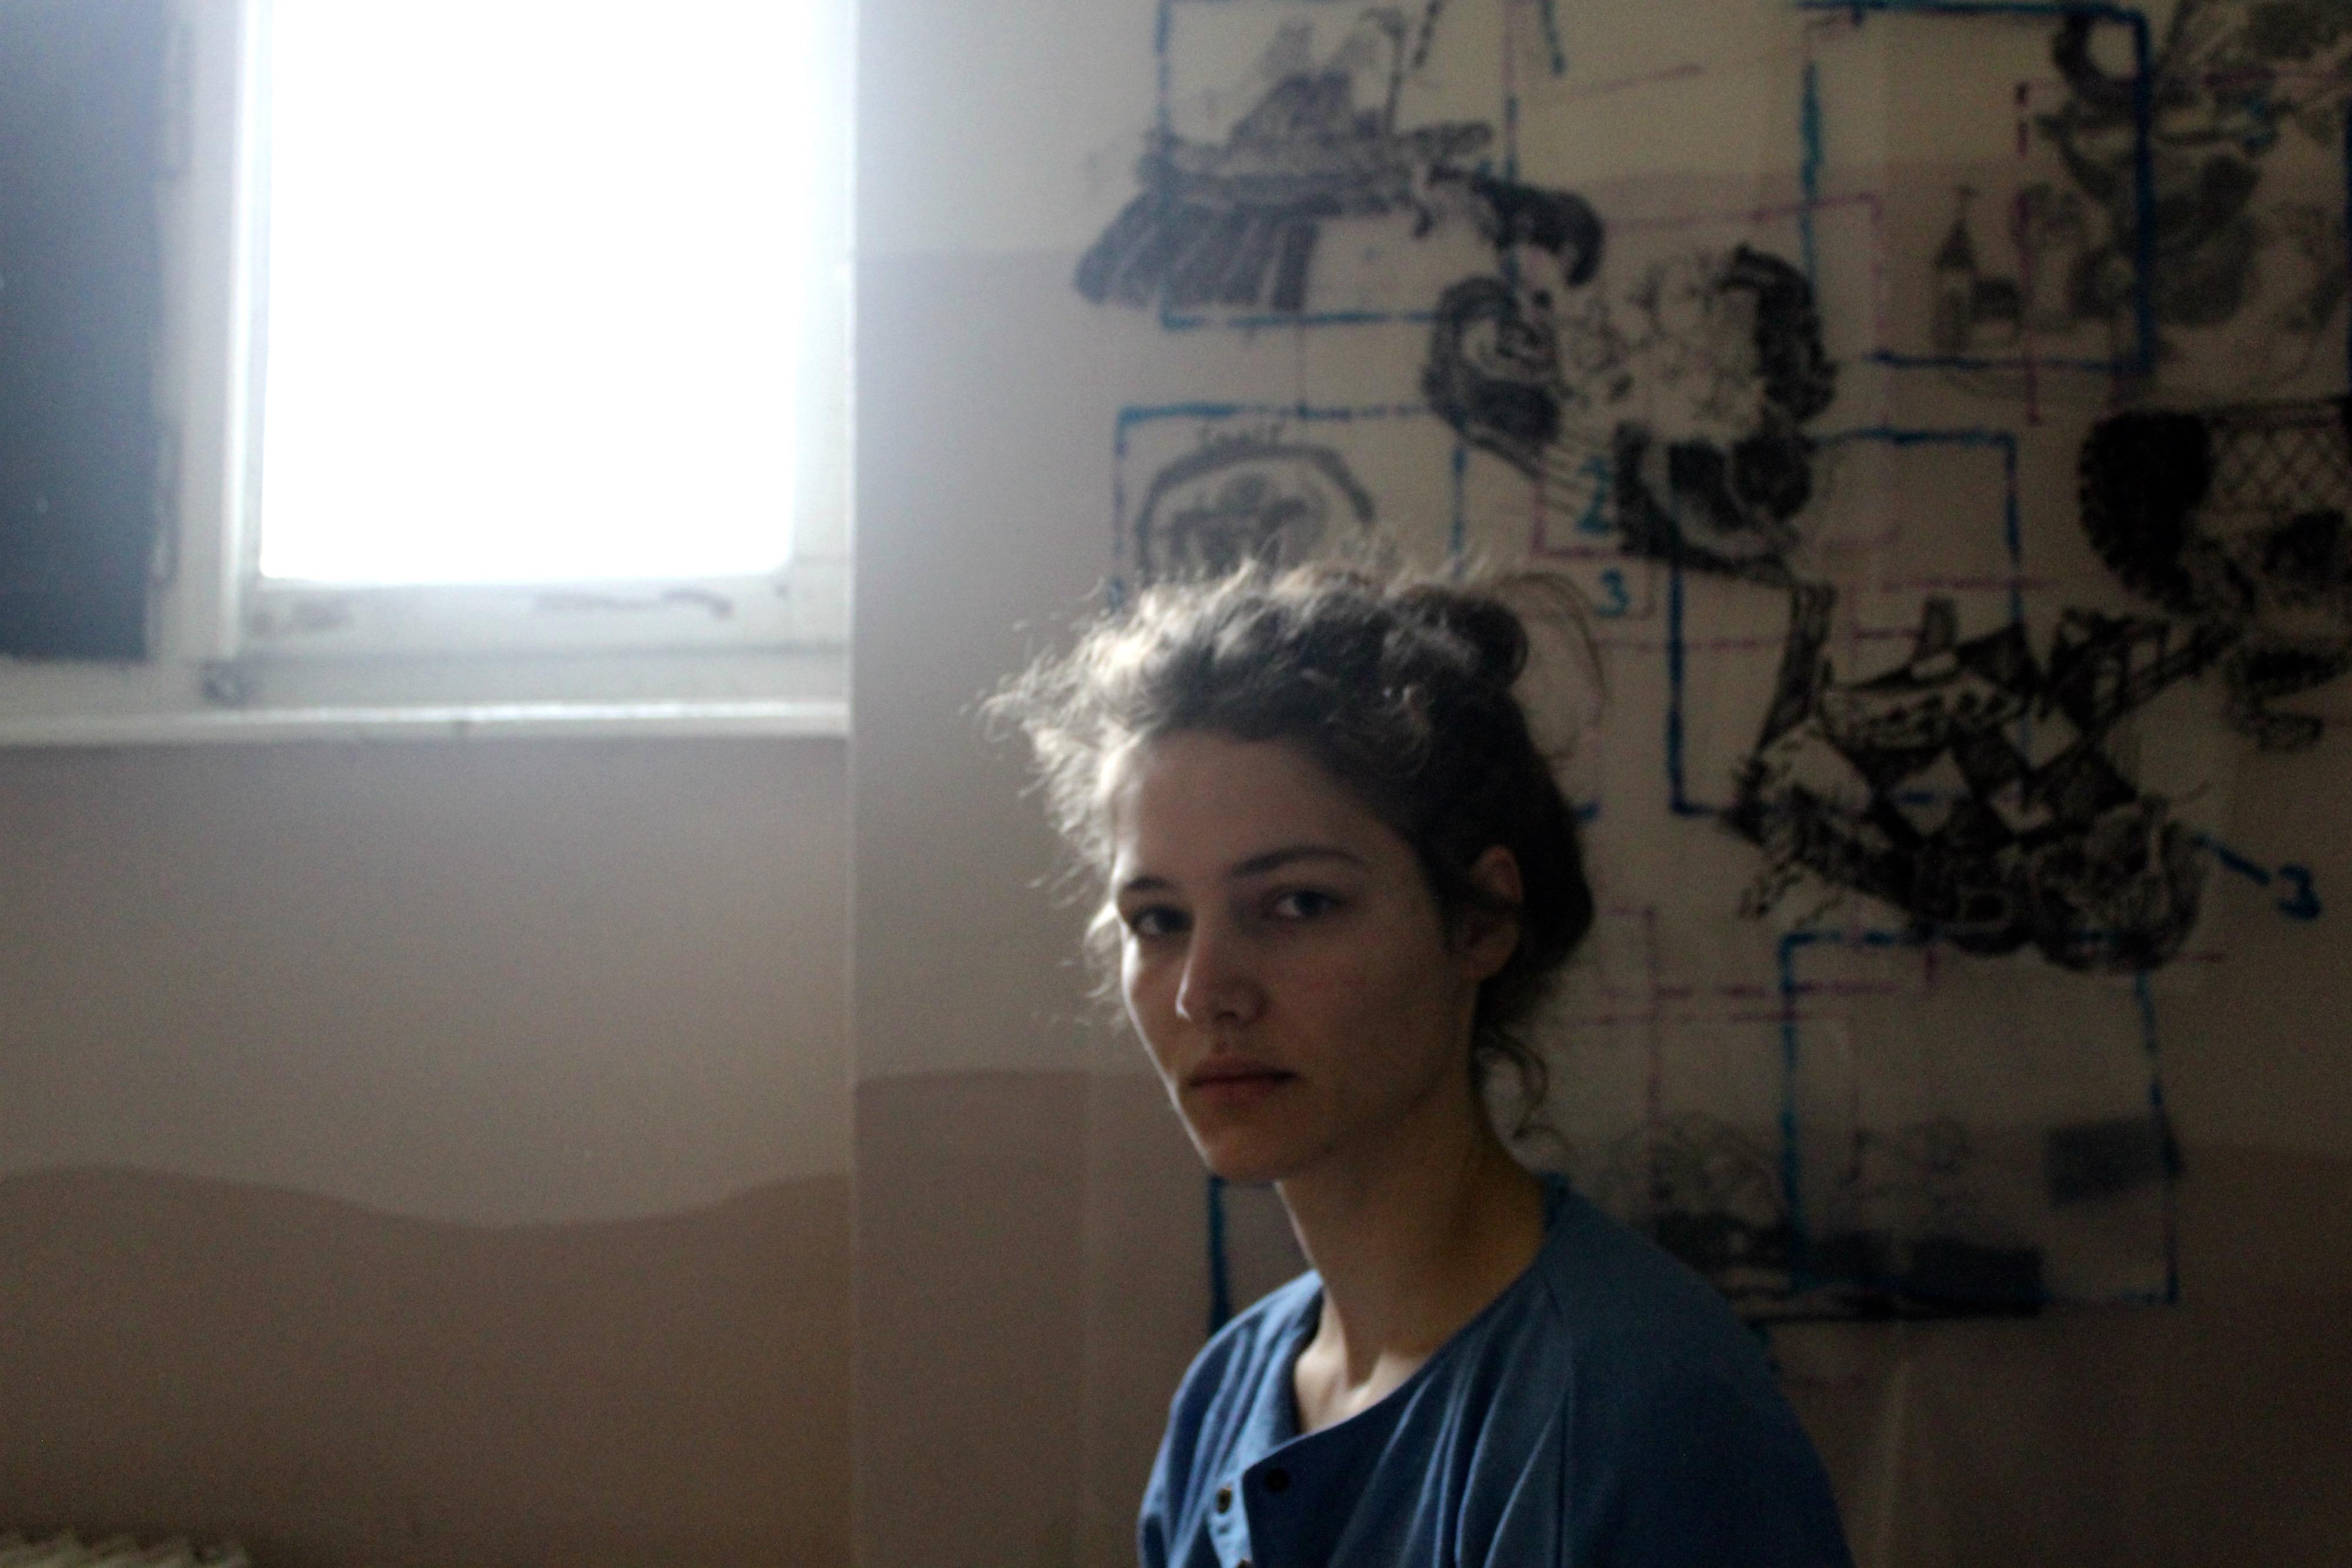 """Jasmina Grudnik: """"Kakor da bi pristala na vrhu dimnika in bila zmožna videti čez elektrarno in še naprej."""""""